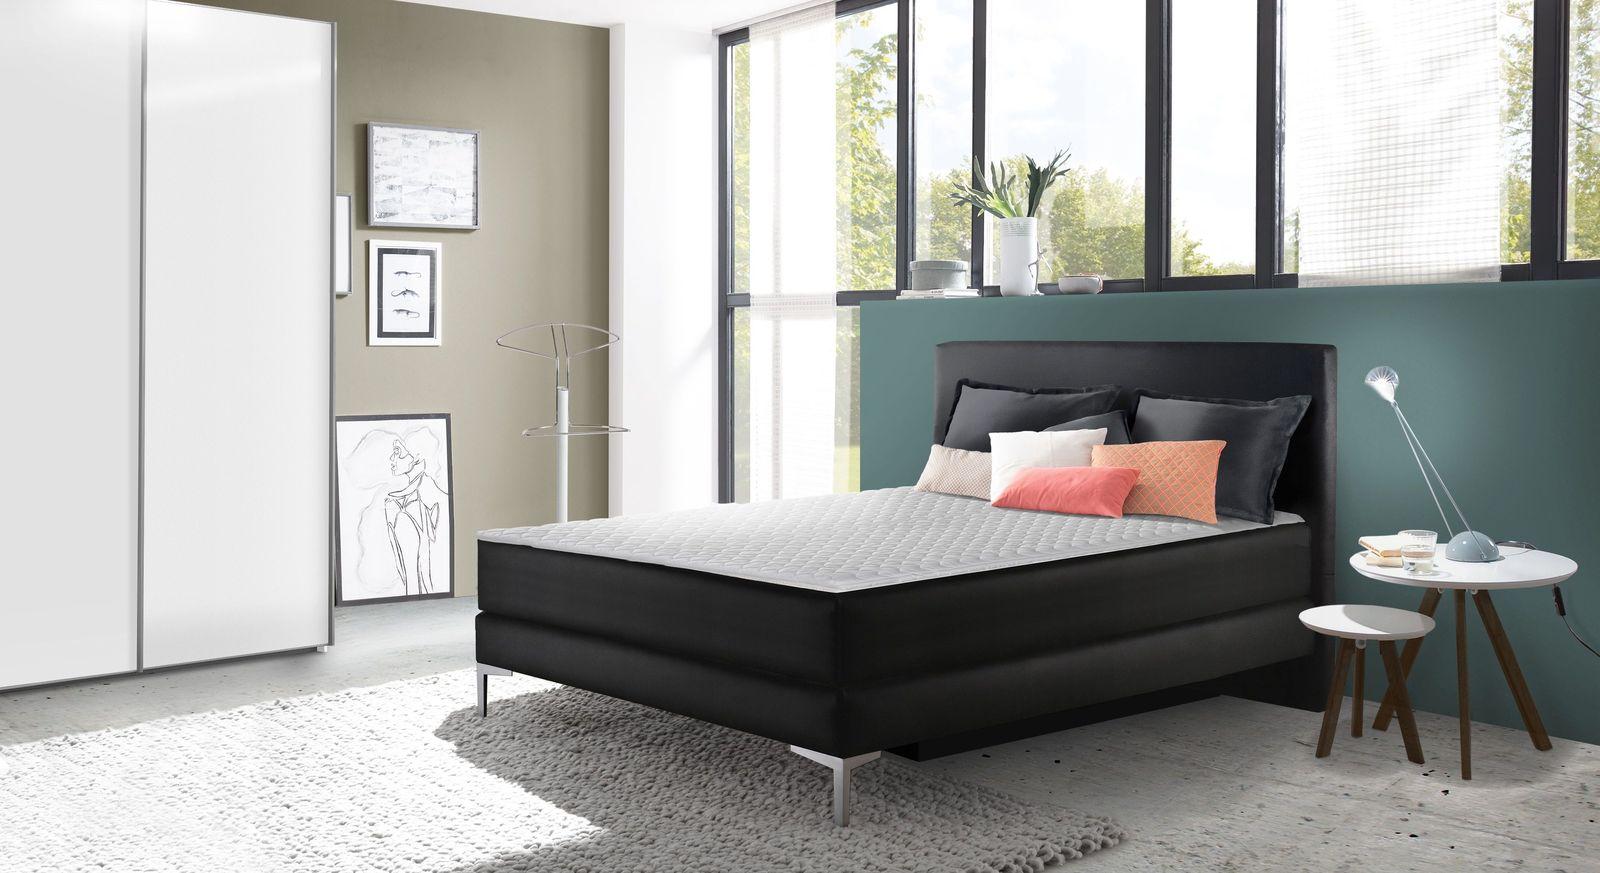 Boxsbett Annotto mit passender Schlafzimmer-Einrichtung